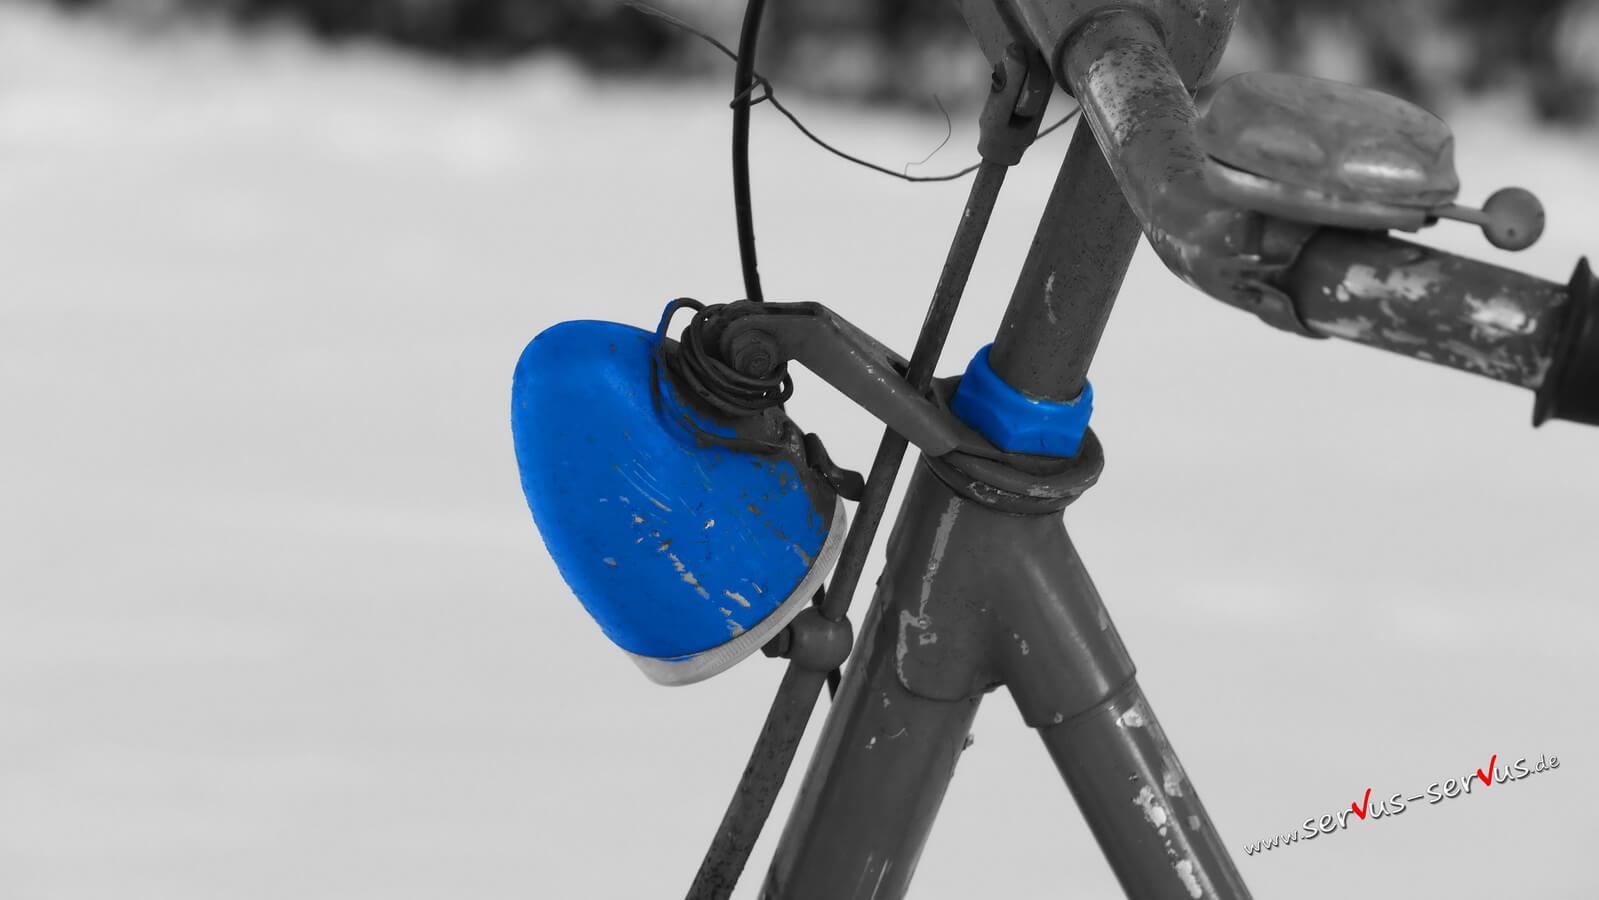 Fahrradlicht in Blau